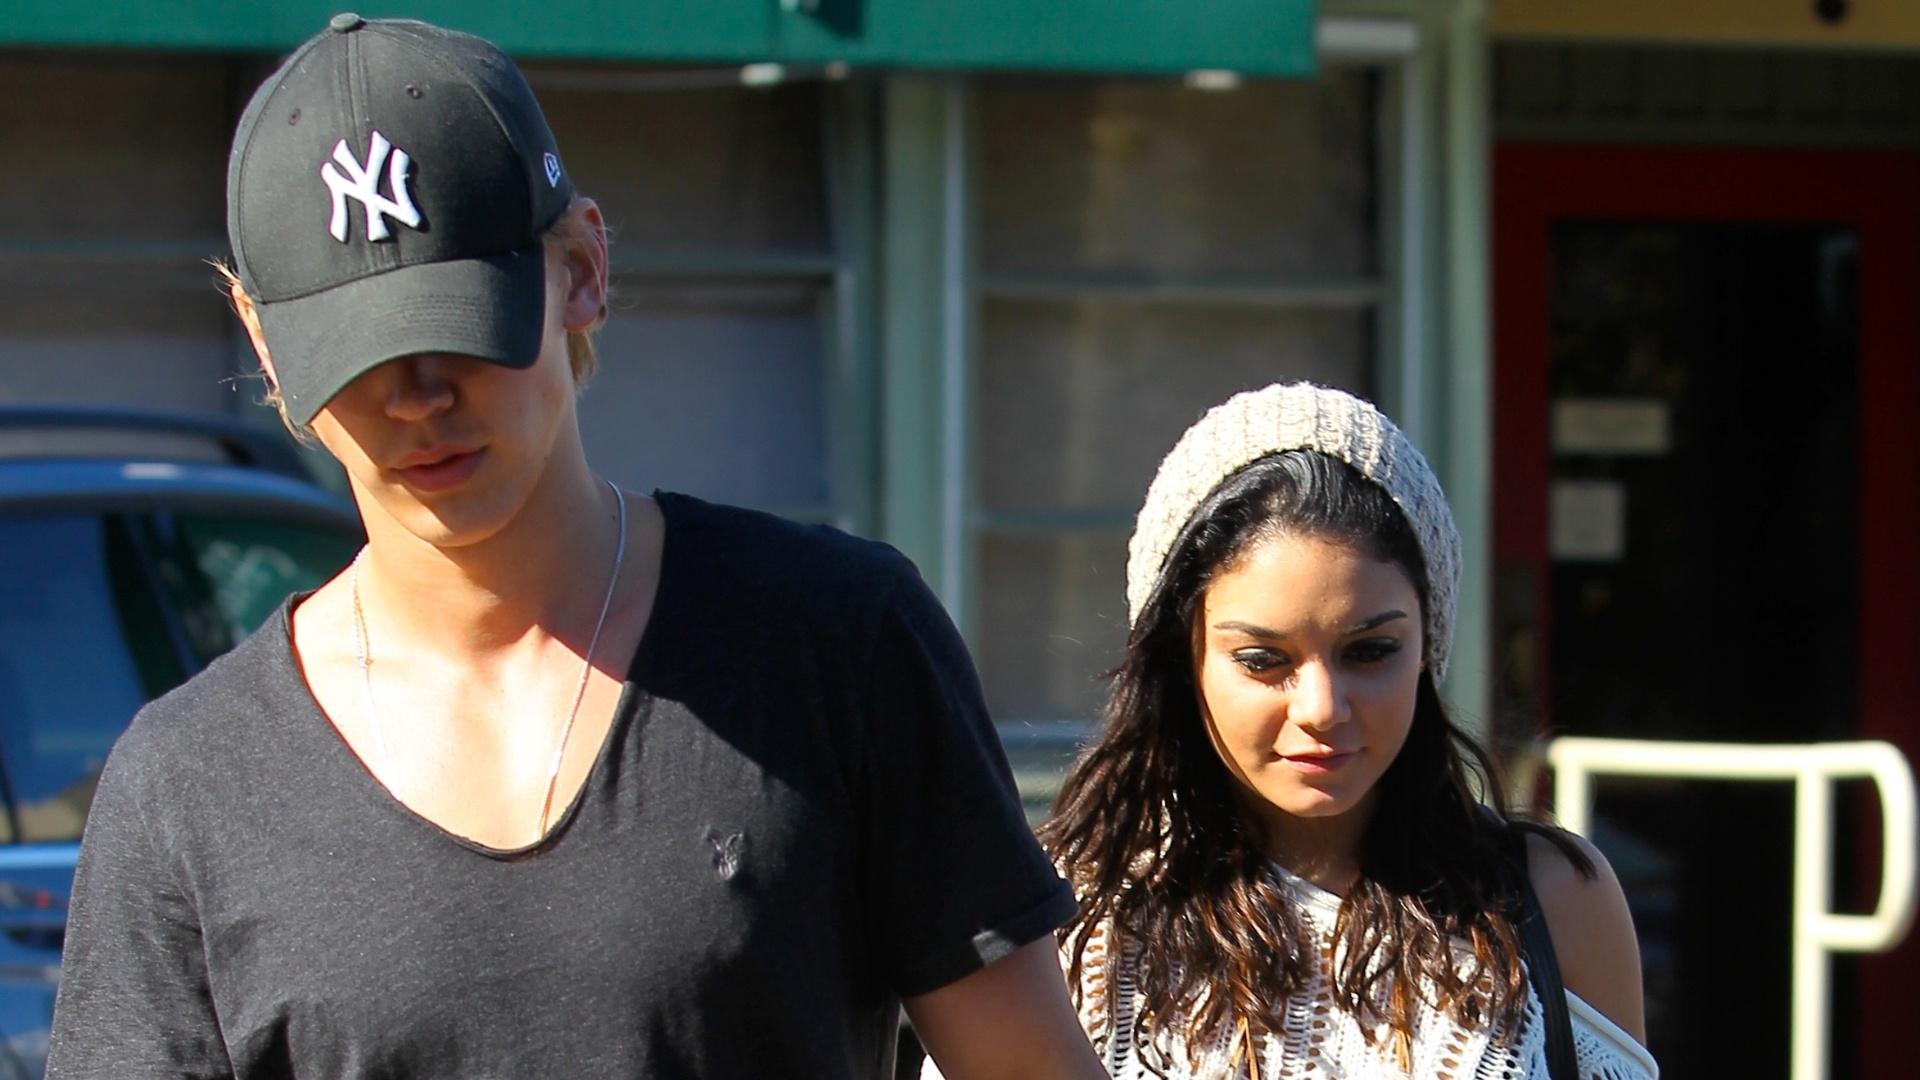 Vanessa Hudgens almoça com o namorado Austin Butler e passeia pelas ruas de Los Angeles (12/1/12)